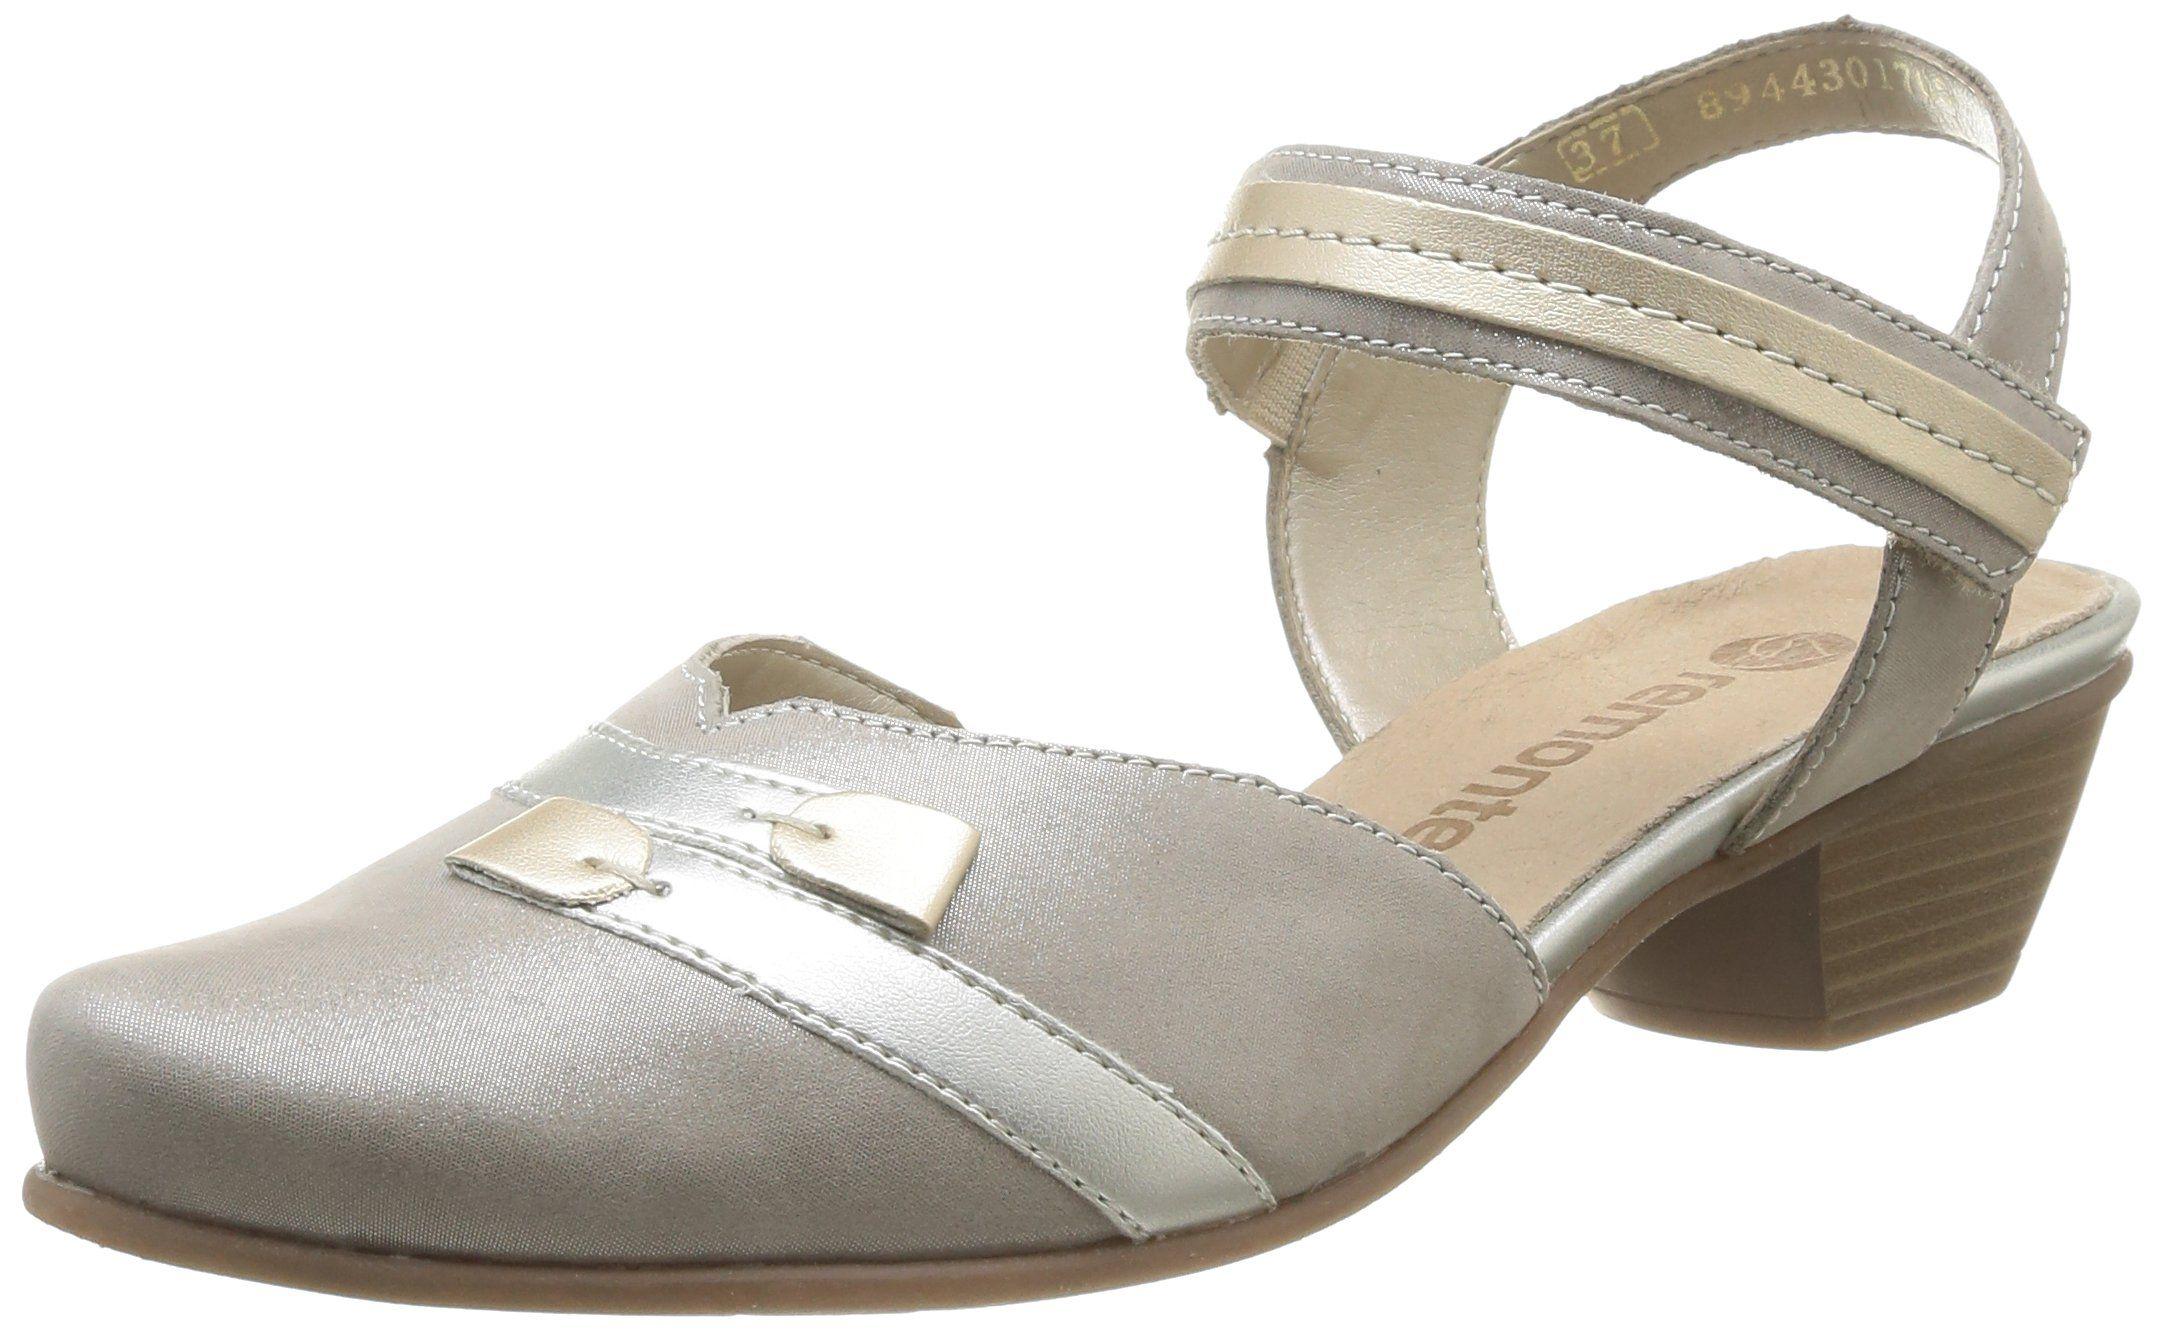 remonte r7102 90 chaussures de ville femme chaussures et sacs tenue entretien d. Black Bedroom Furniture Sets. Home Design Ideas